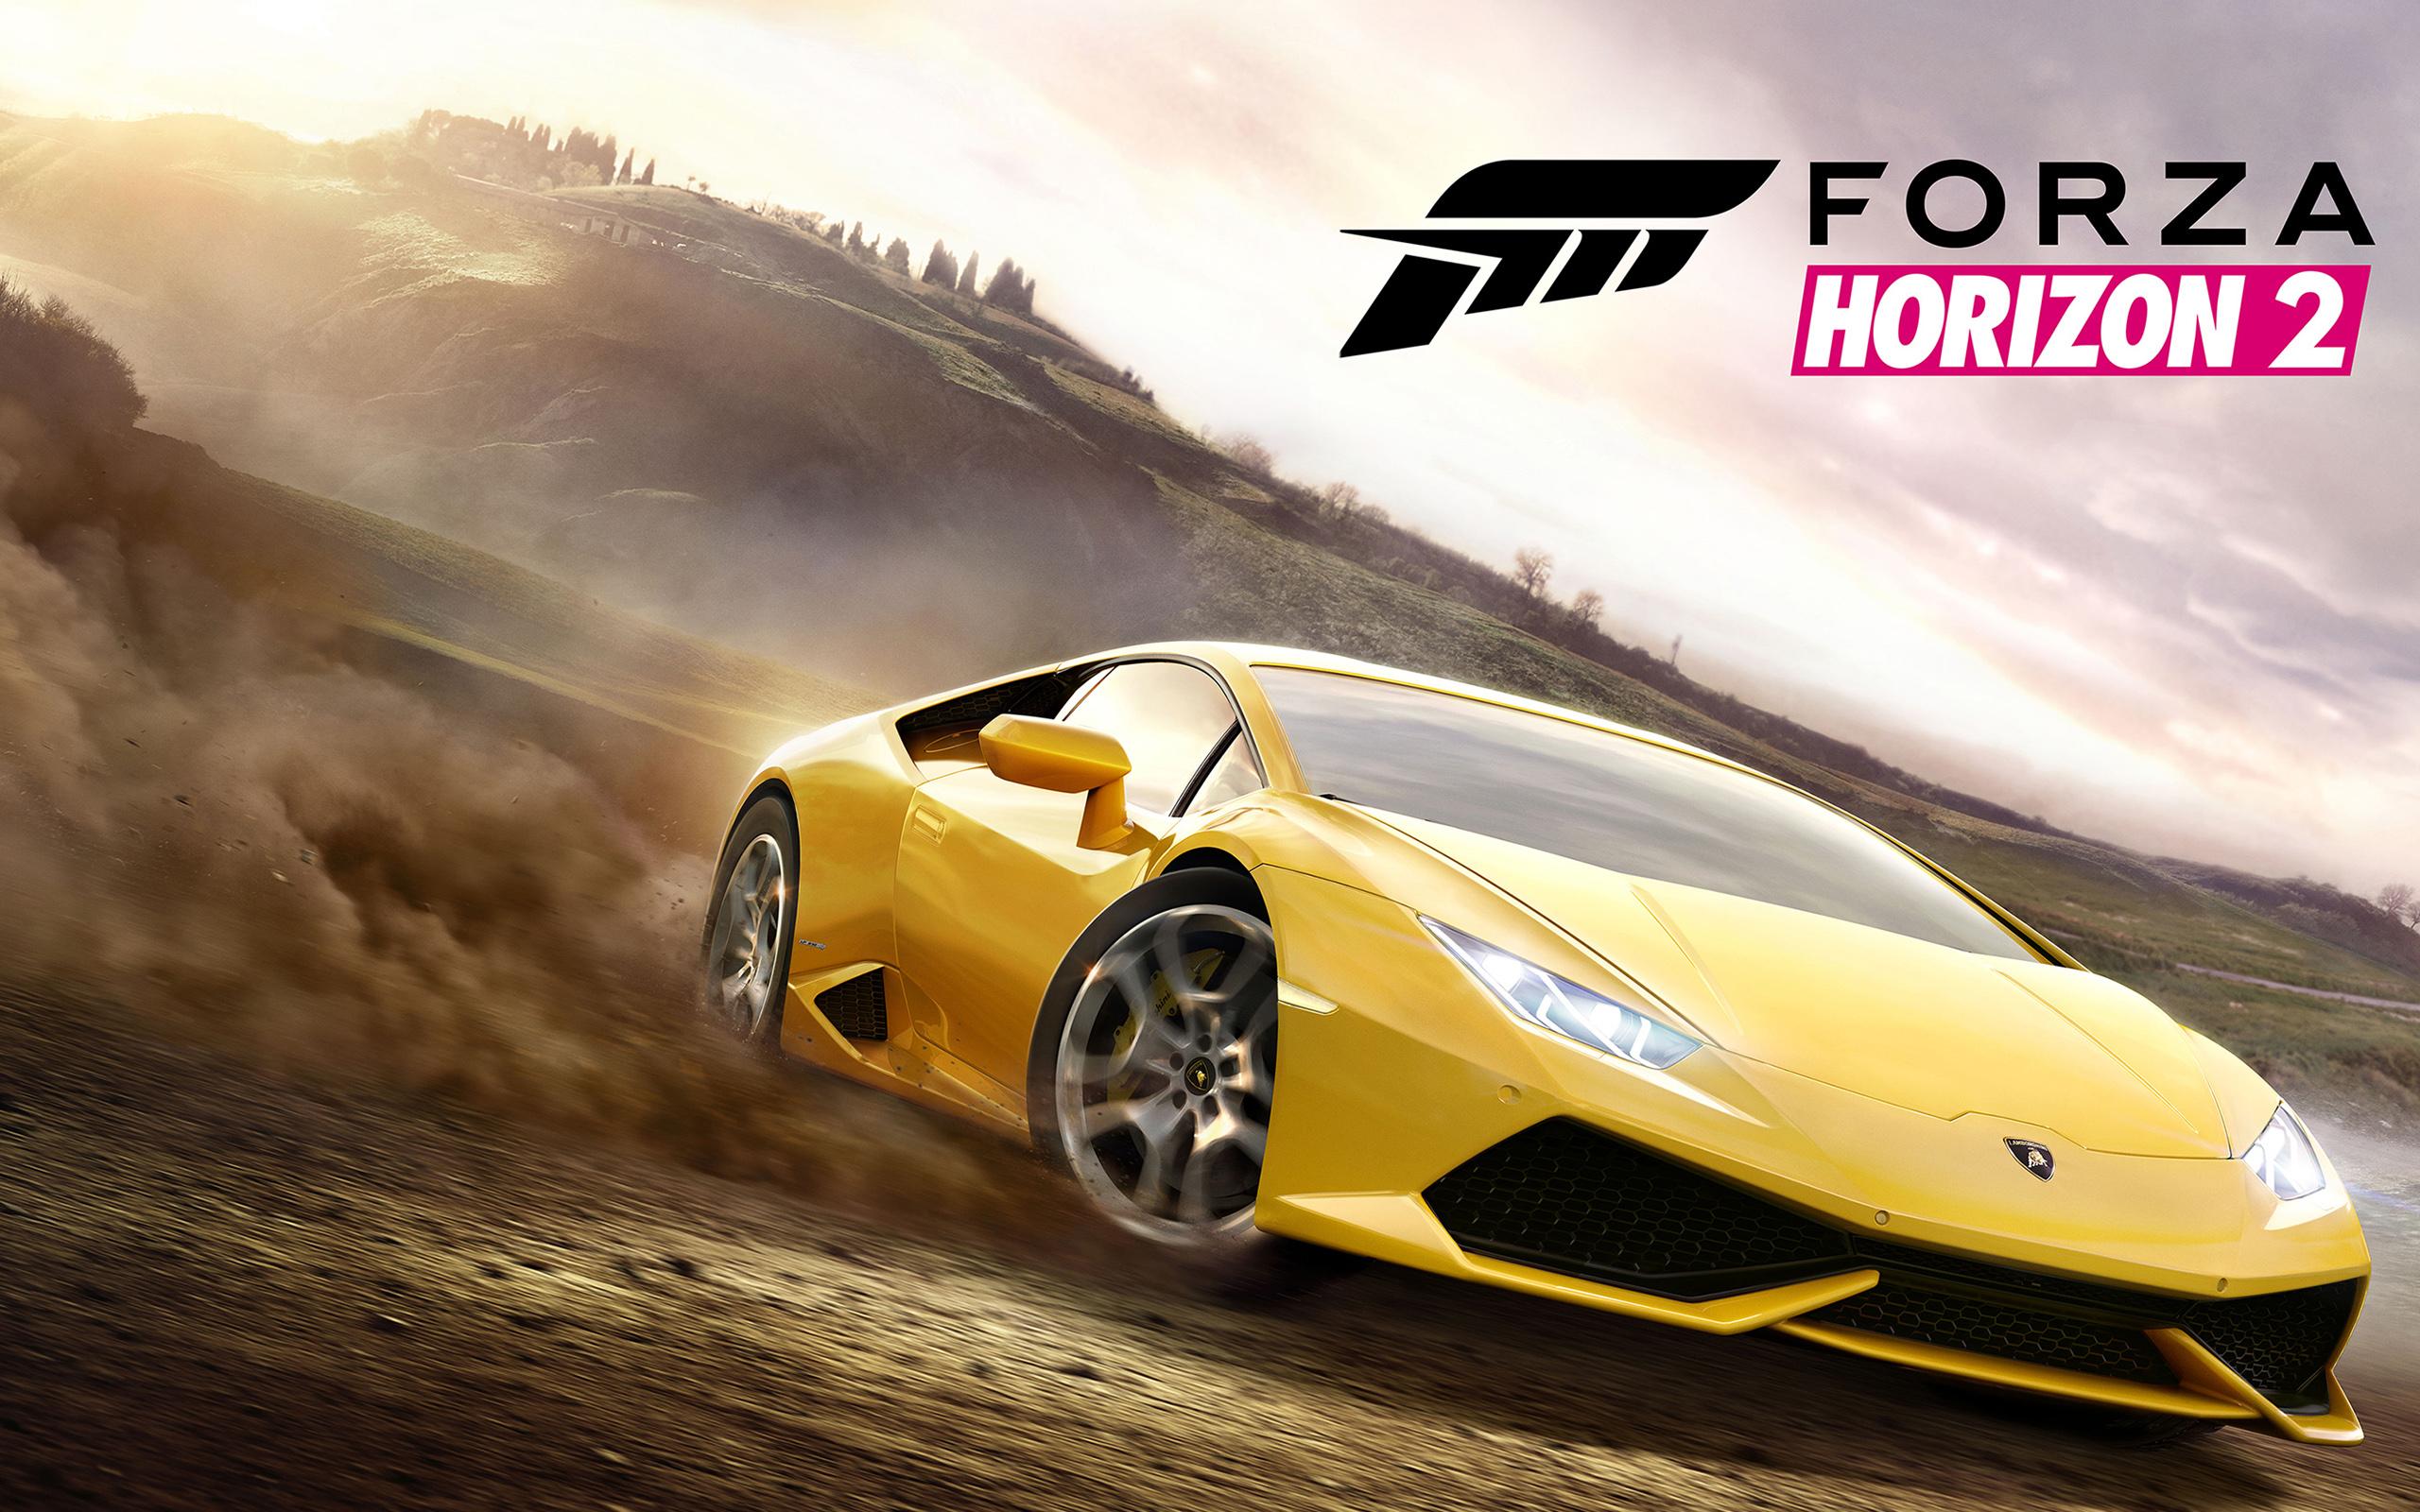 Forza Horizon 2 per Xbox 360 e Xbox One: novità e data d'uscita